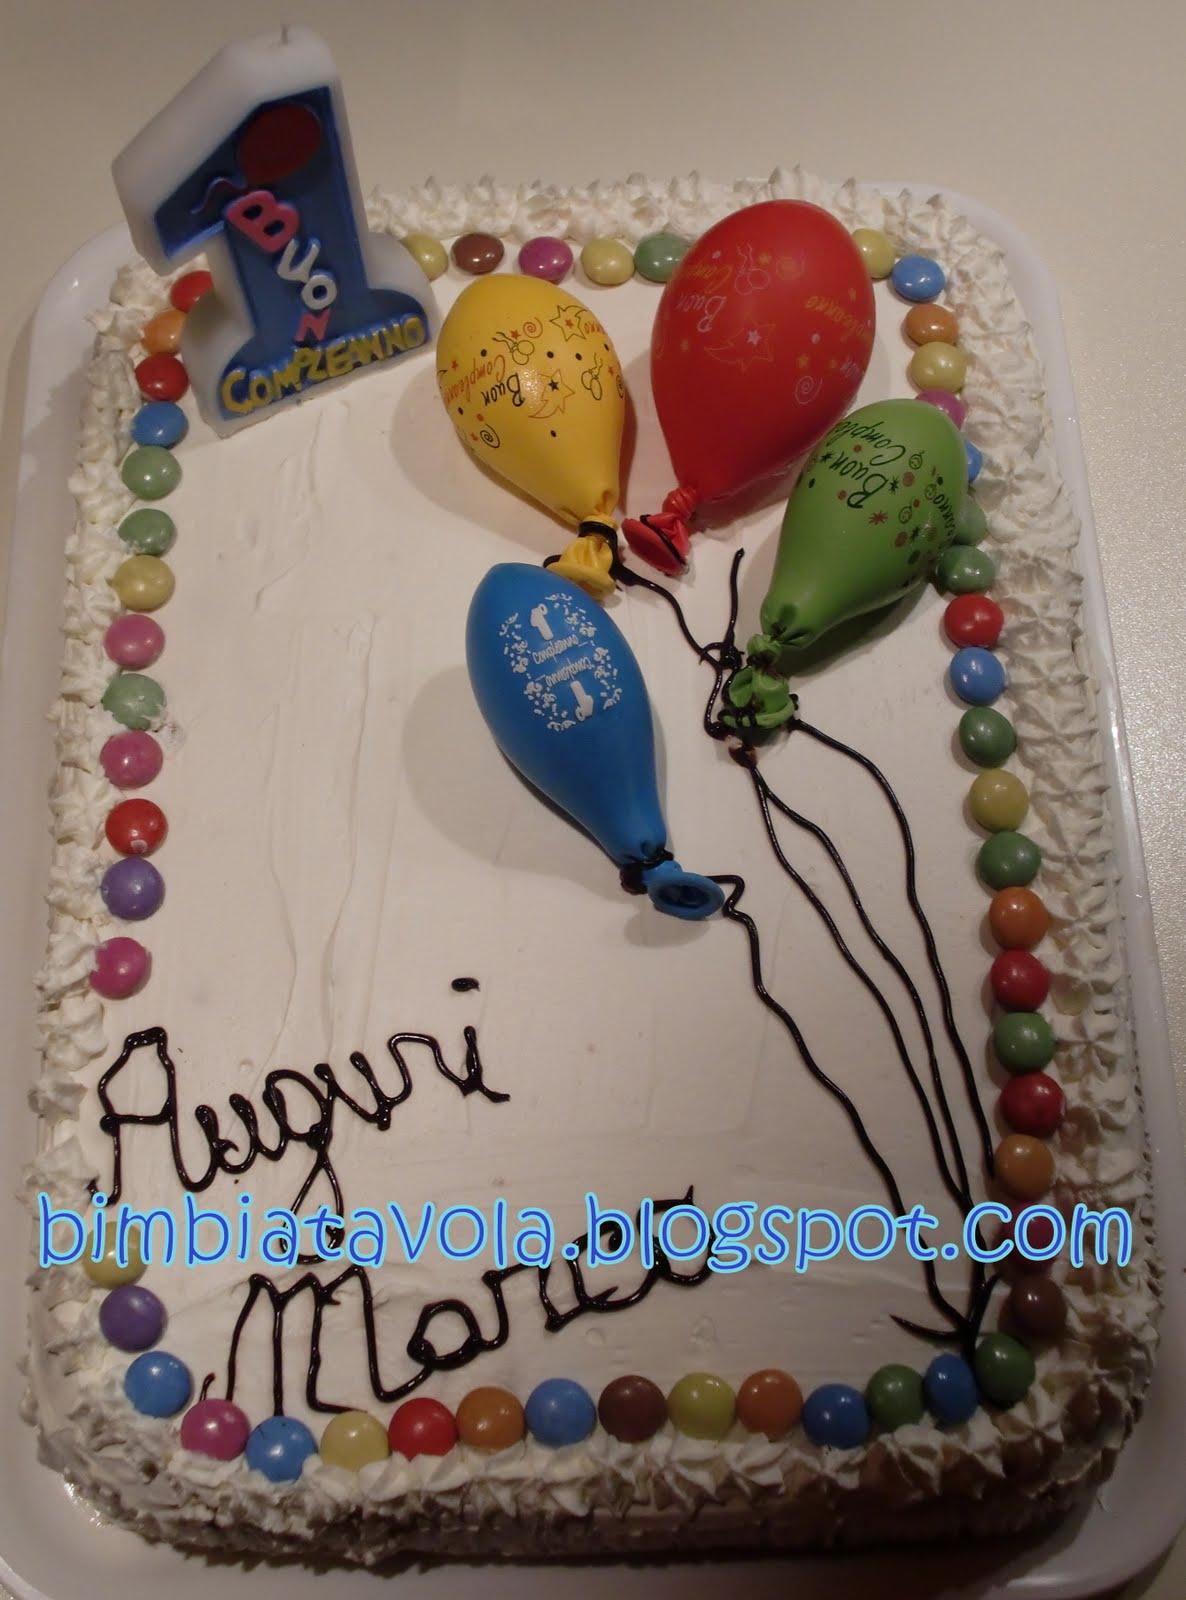 bimbi a tavola: un anno di sorrisi; torta primo compleanno